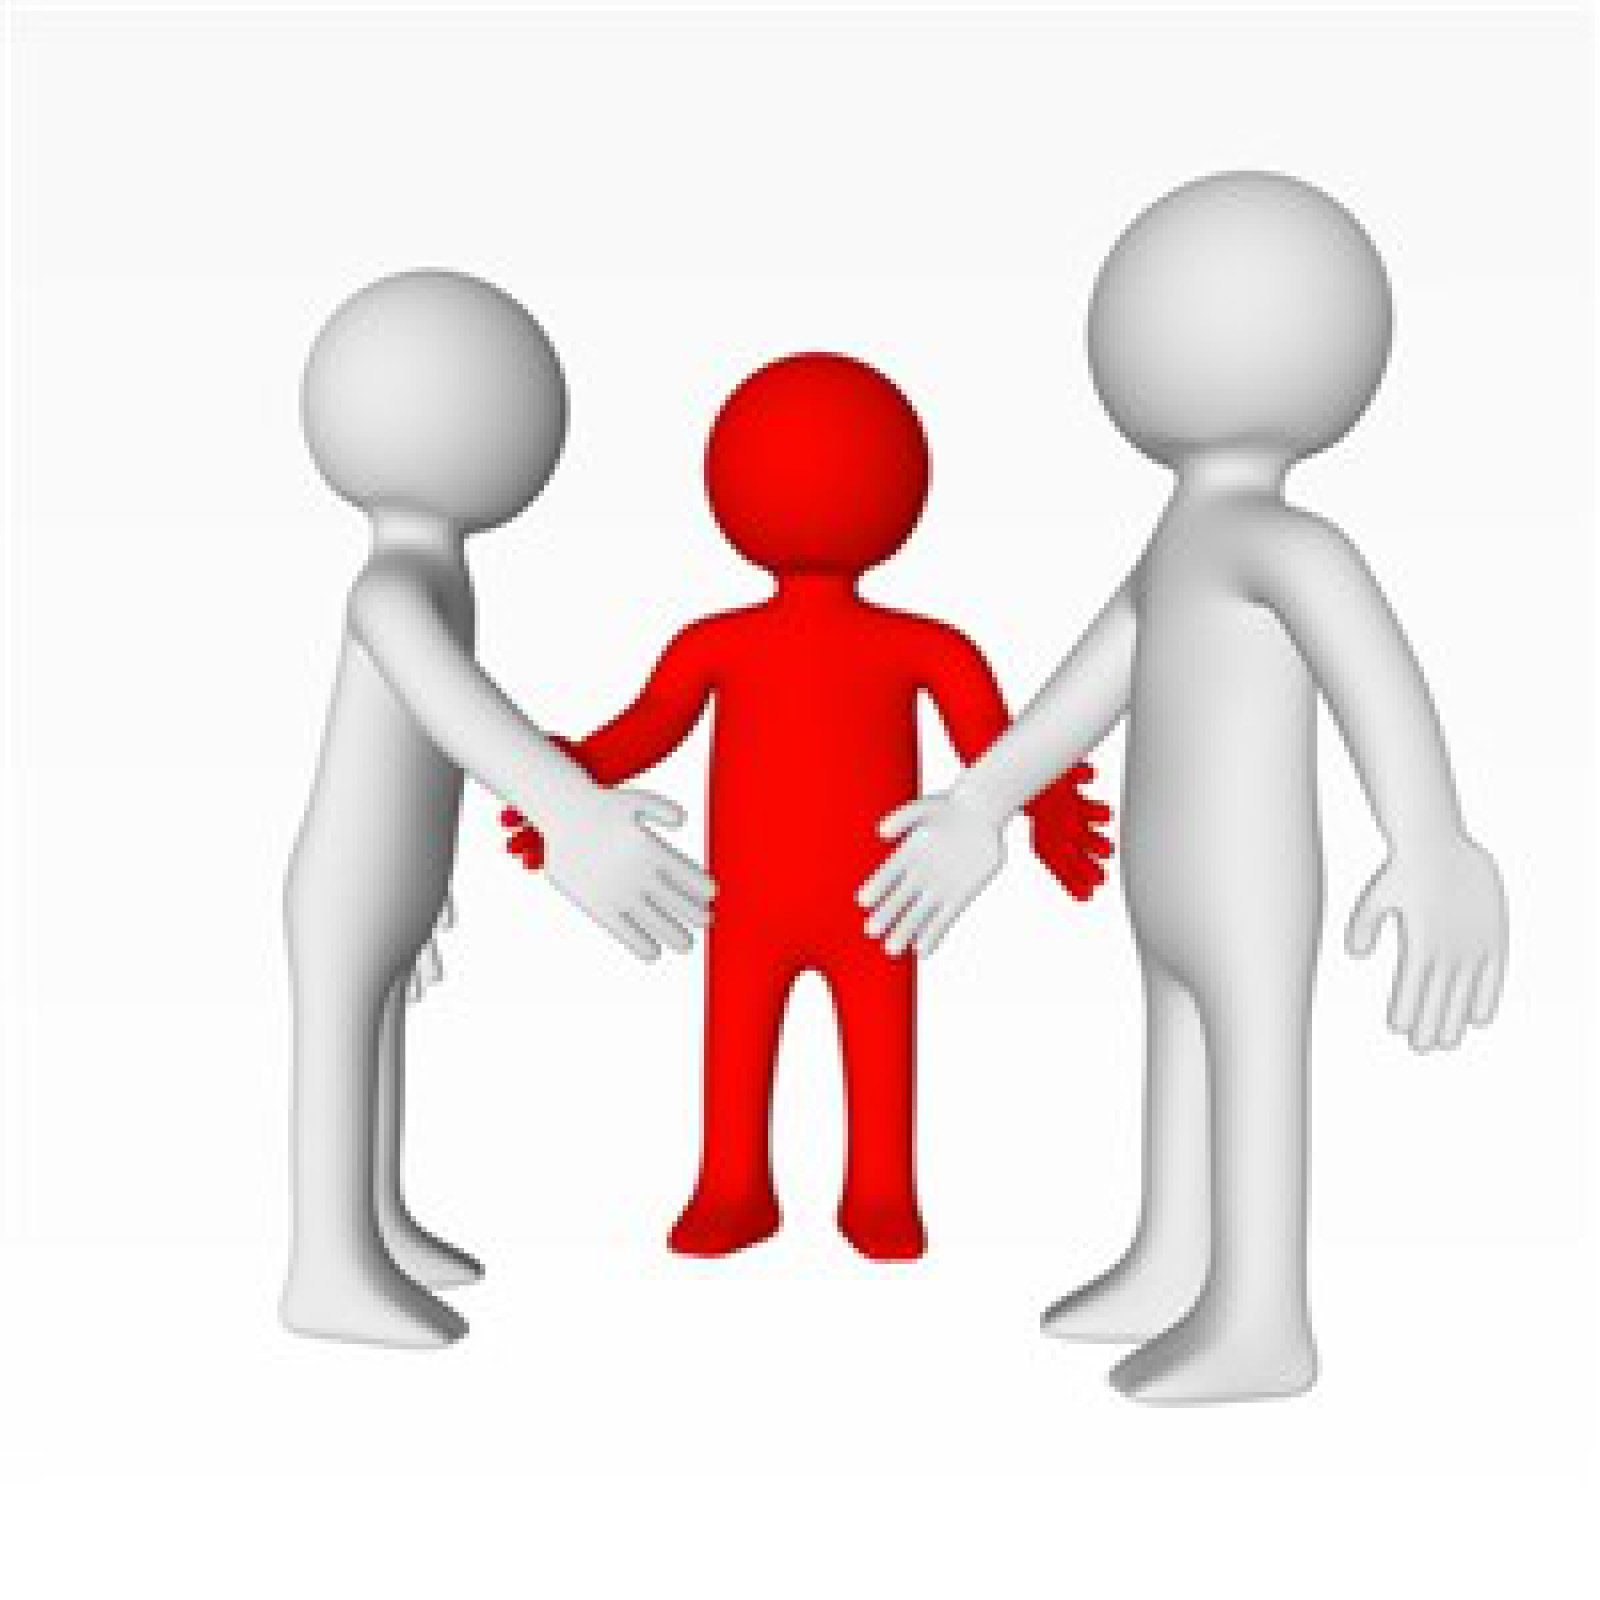 Opposizione a decreto ingiuntivo: la mediazione va presentata dall'opponente o dall'opposto? In attesa delle Sezioni Unite…